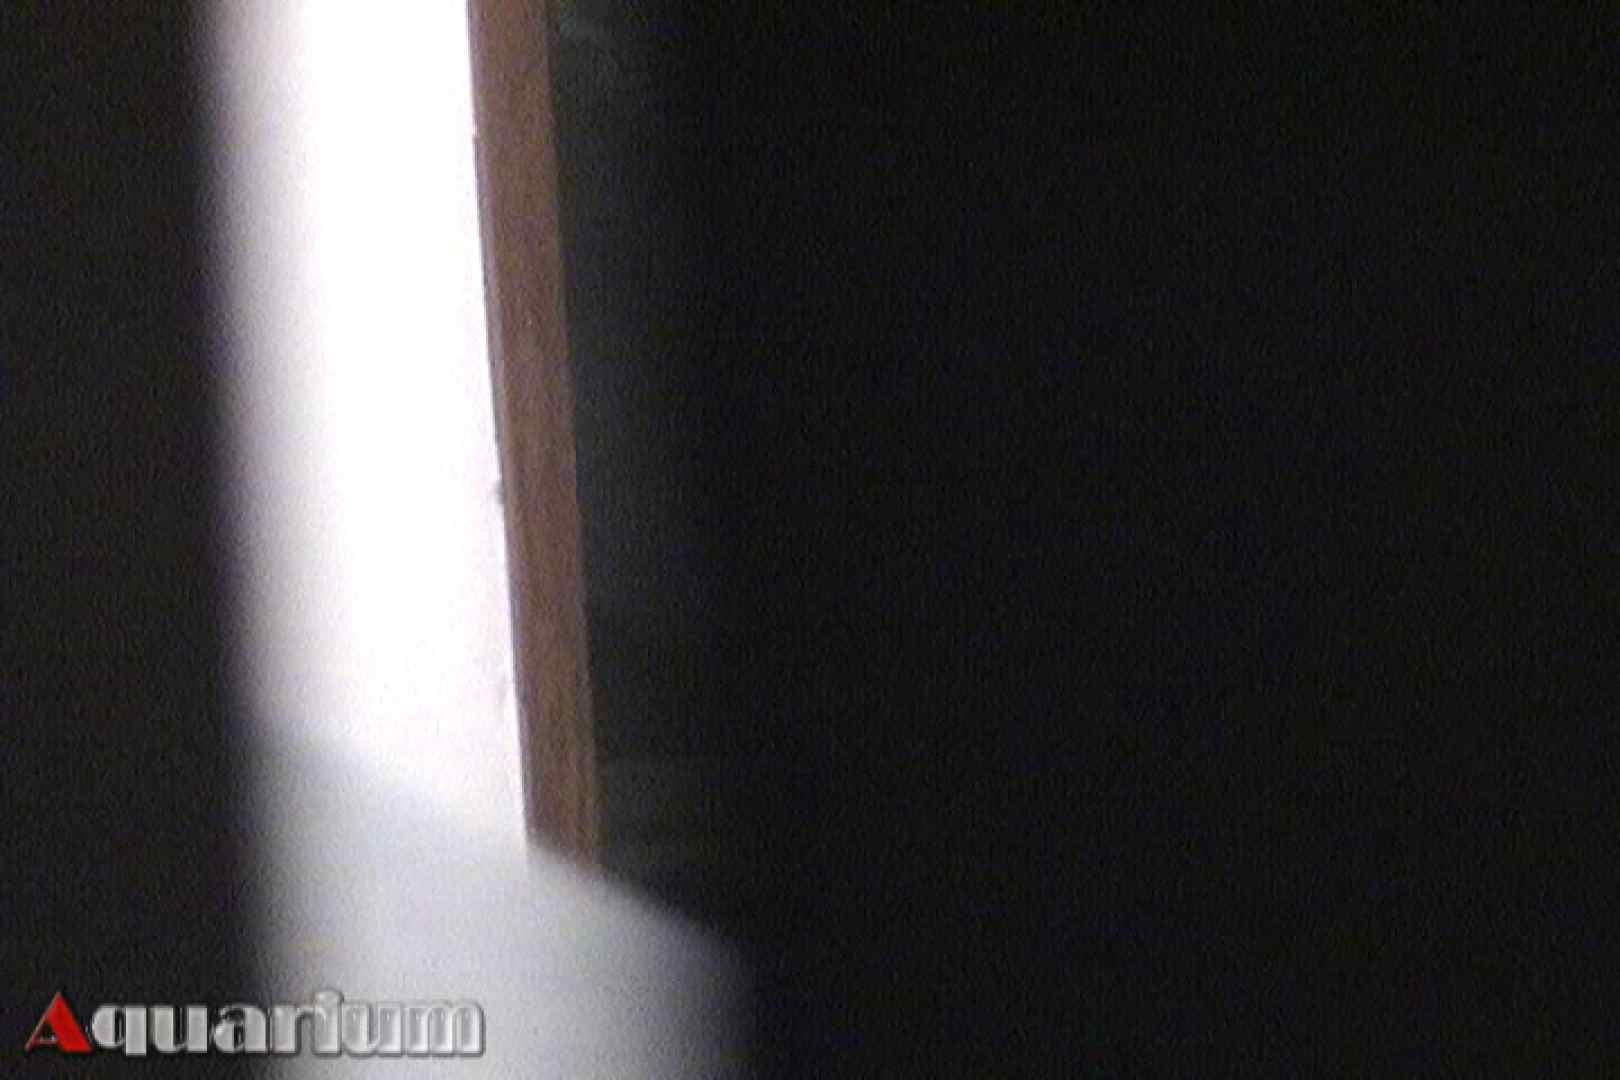 旅館脱衣所お着替え盗撮 Vol.03 着替え スケベ動画紹介 87PIX 43